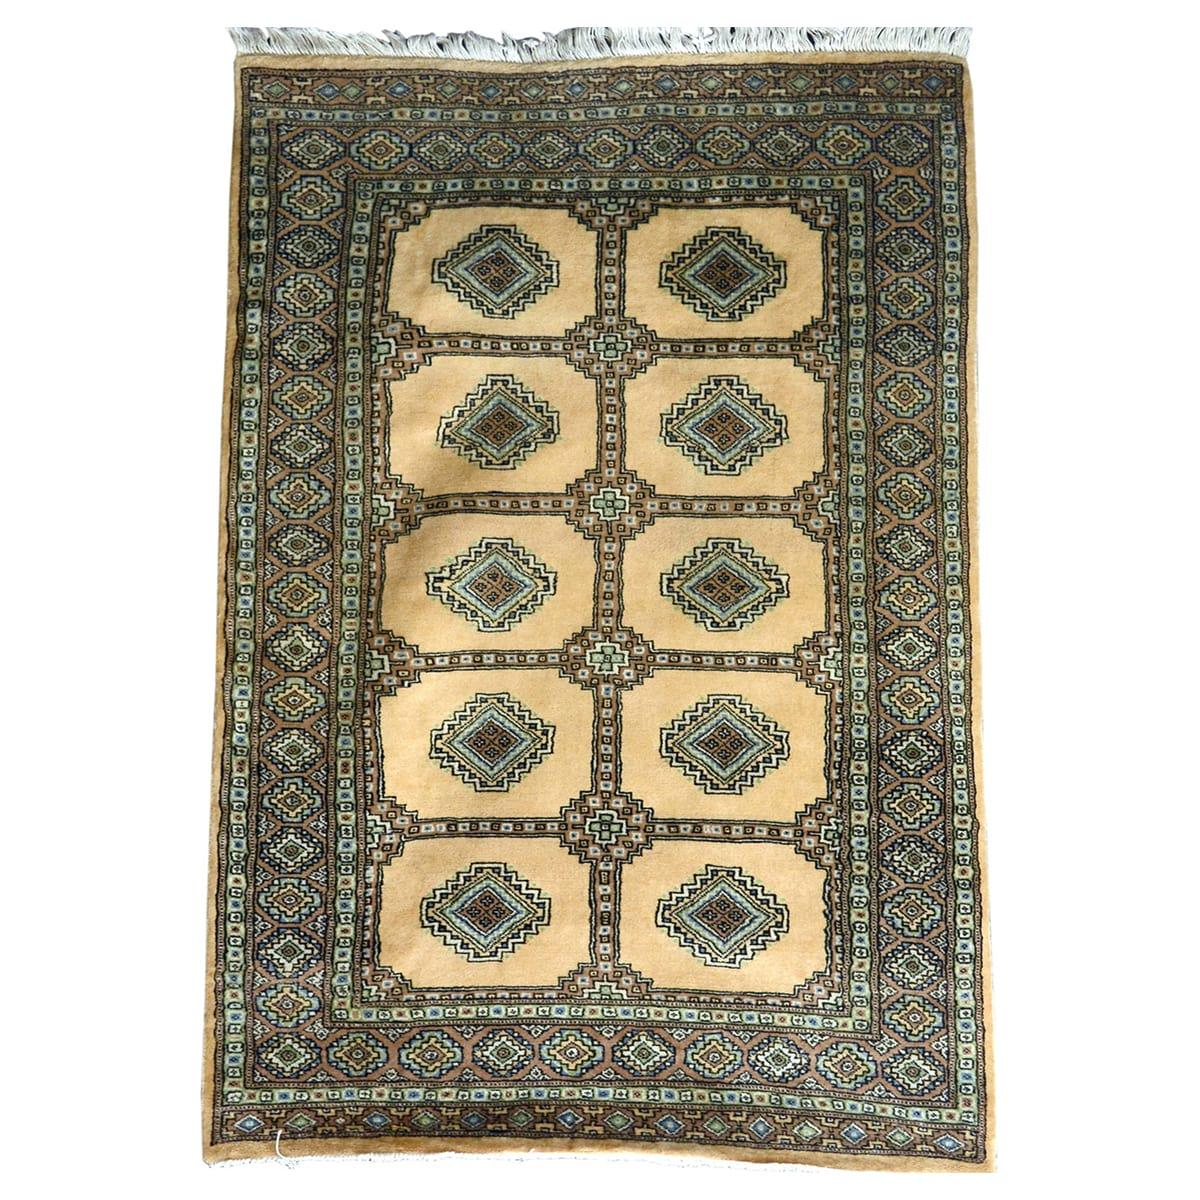 ručne viazané-bukhara-interiérové koberce